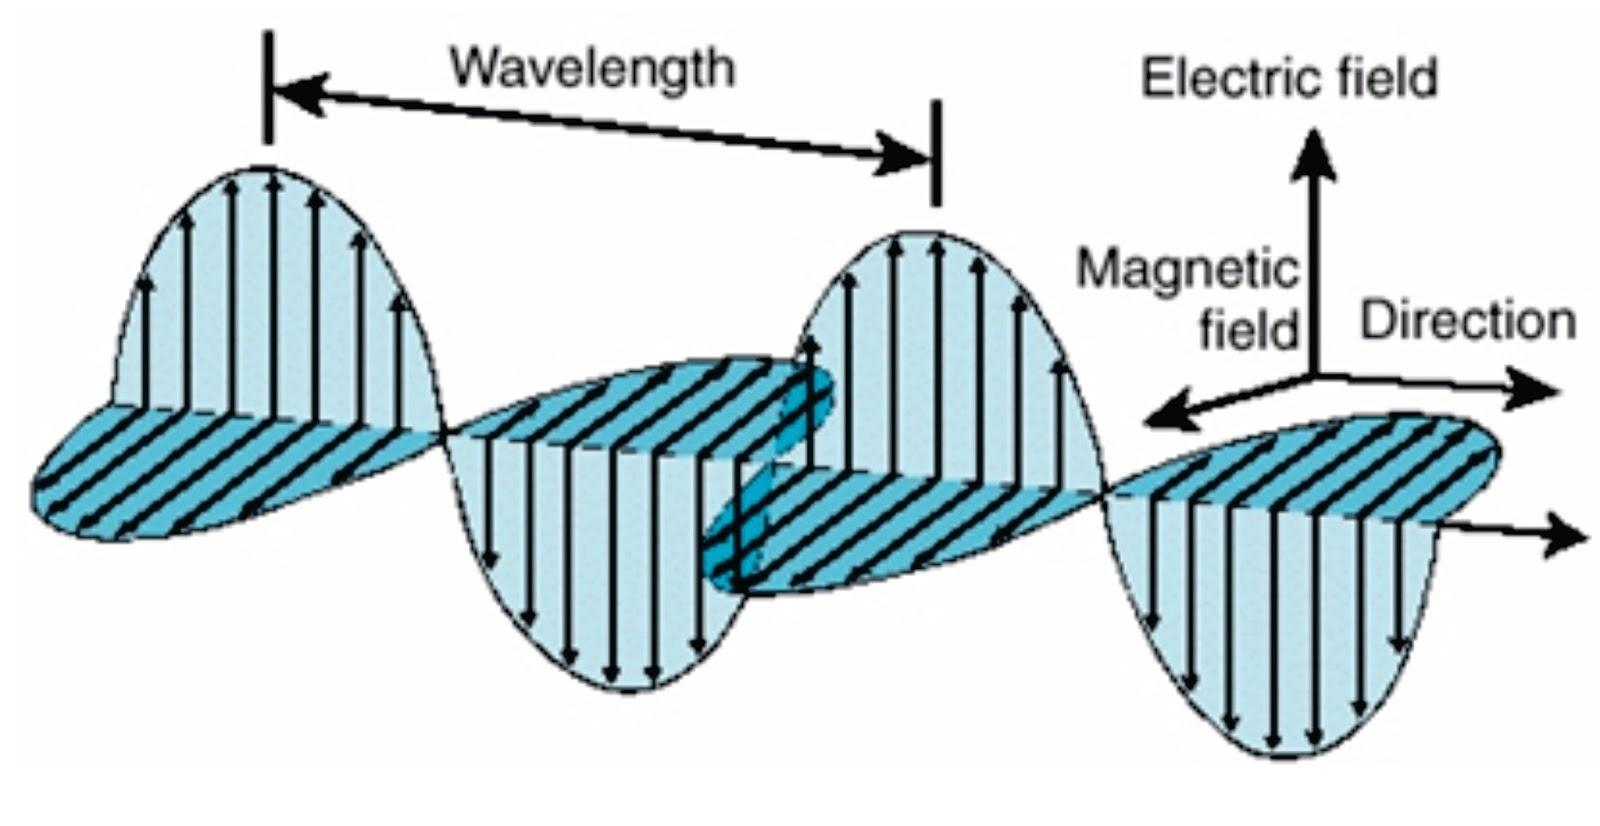 Urutan gelombang elektromagnetik berdasarkan energi foton